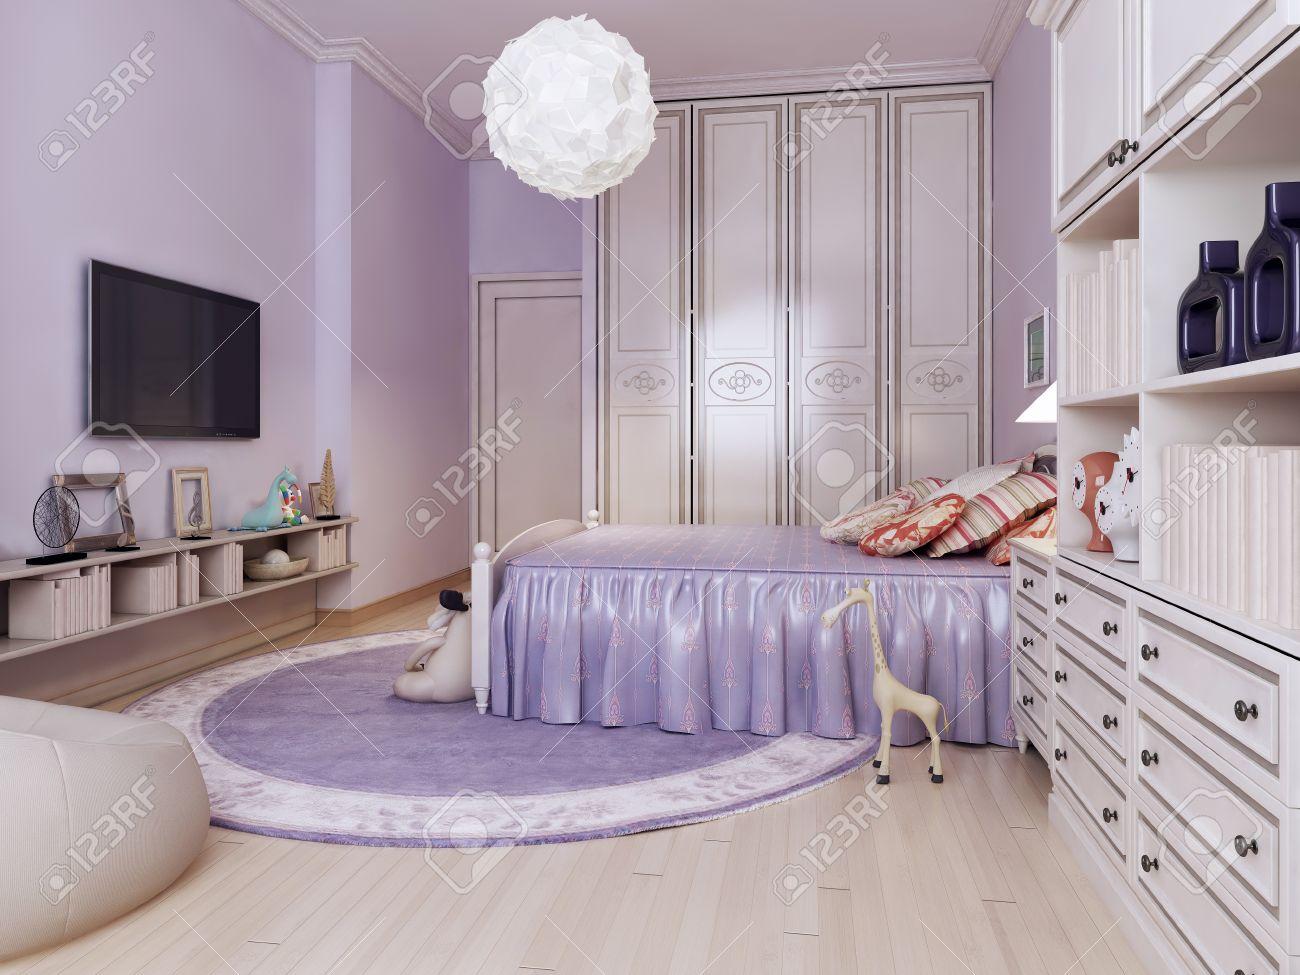 Idee Helles Schlafzimmer Für Mädchen. Inspiration Für Eine Schöne, Moderne Mädchen  Schlafzimmer Kinder Mit